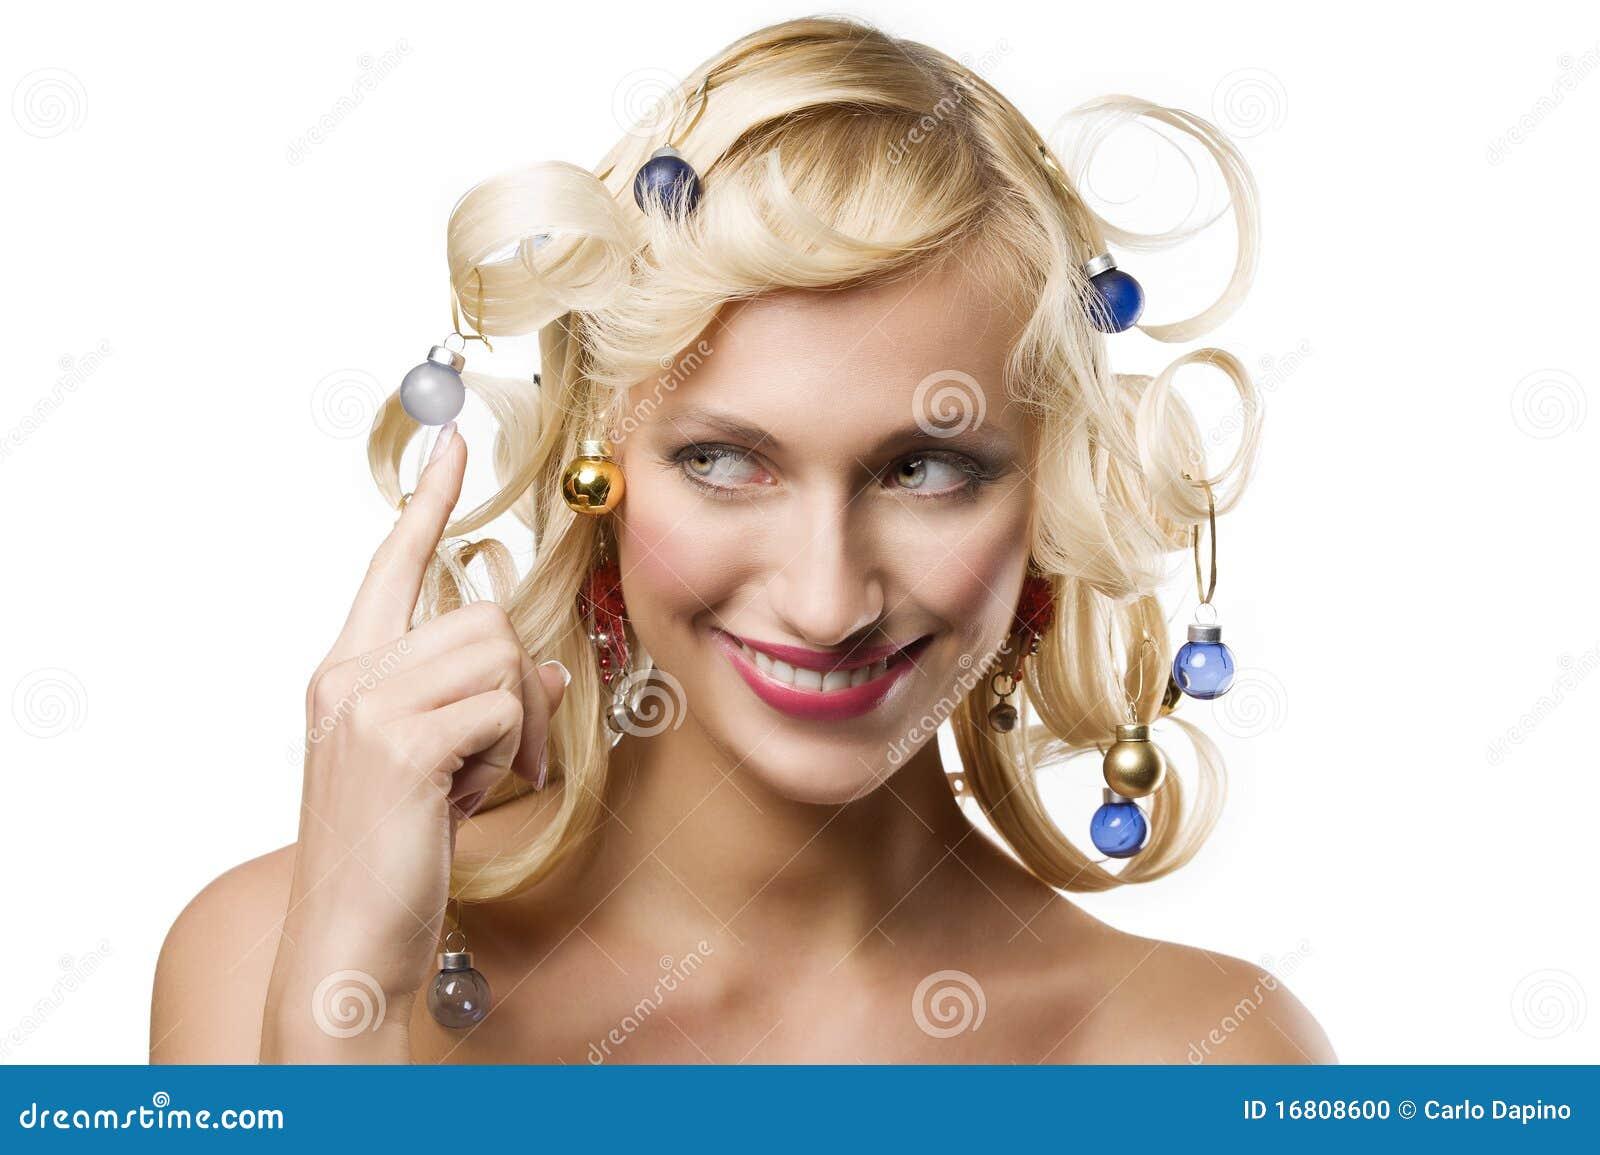 Большой нос у девушки прически